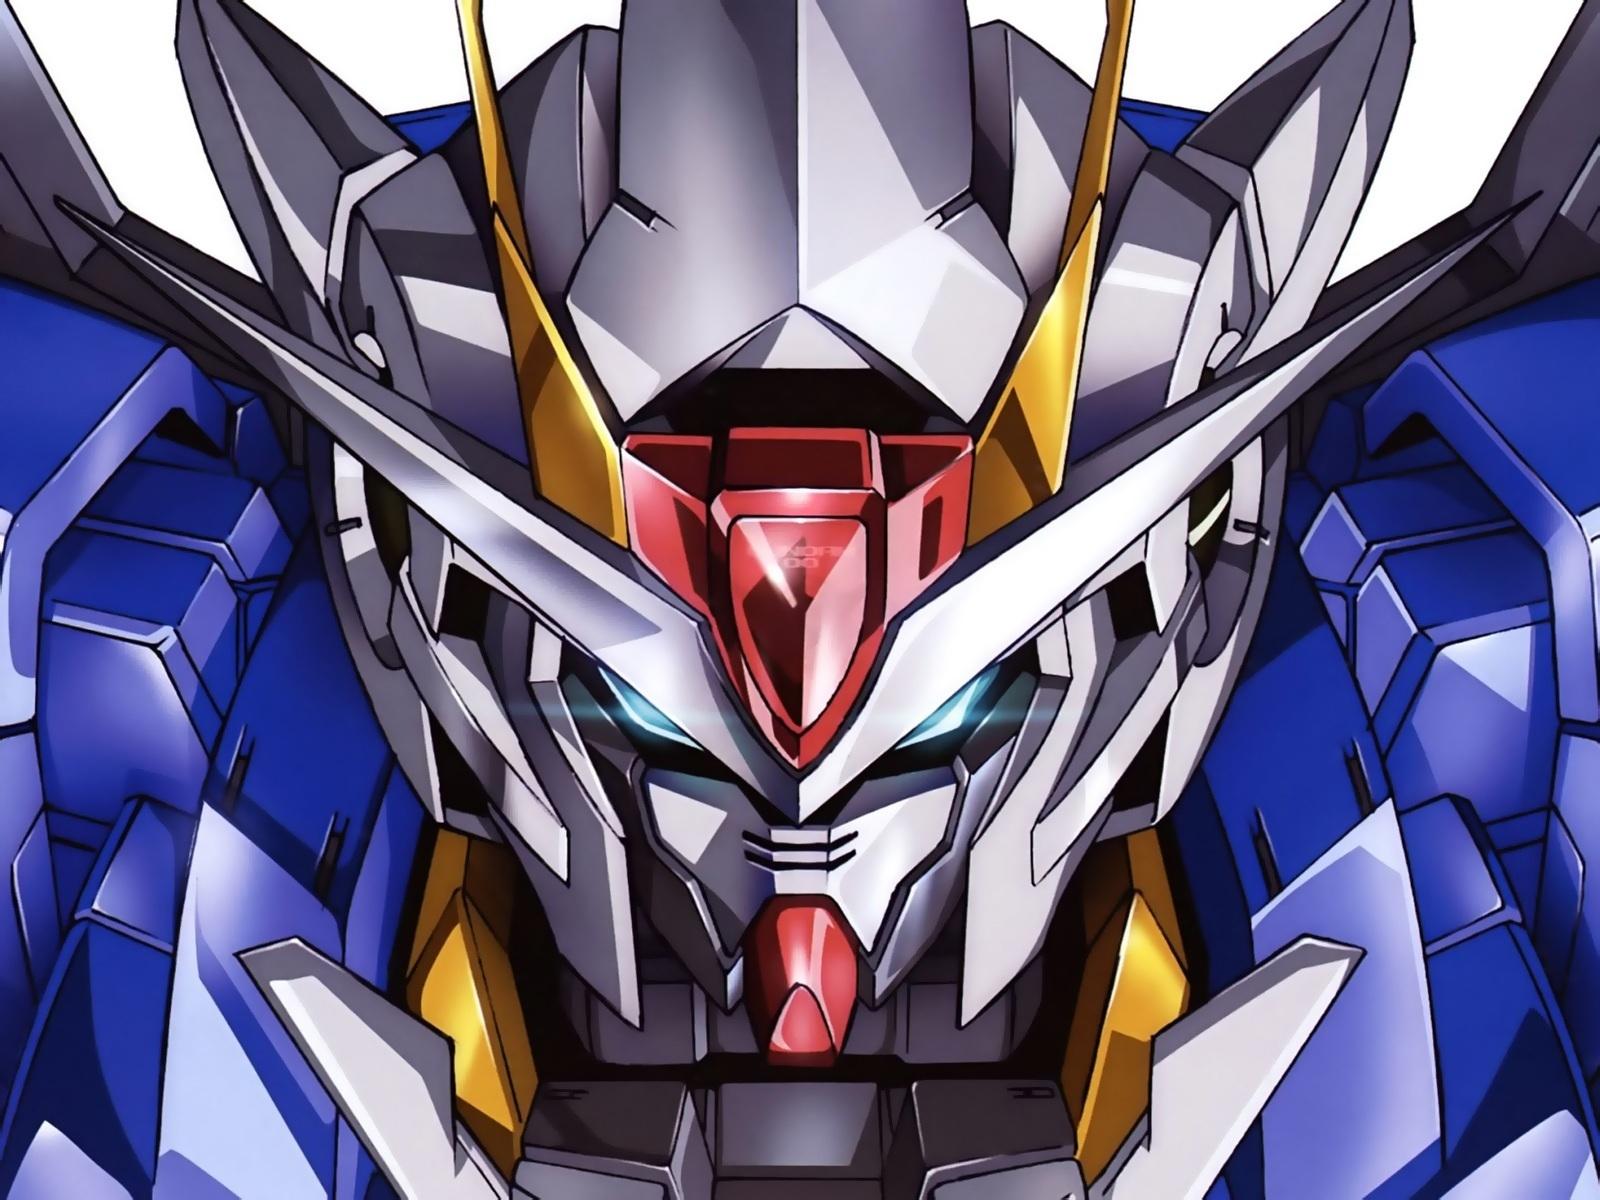 gundam-00-mobile-suit-gundam-00-20740655-1600-1200